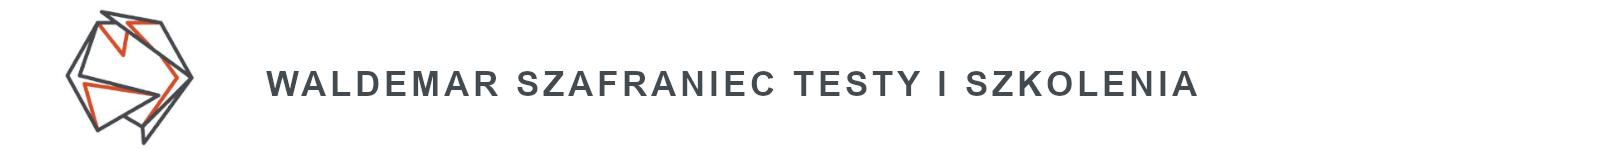 logo wyszkolewas i napis waldemar szafraniec testy i szkolenia